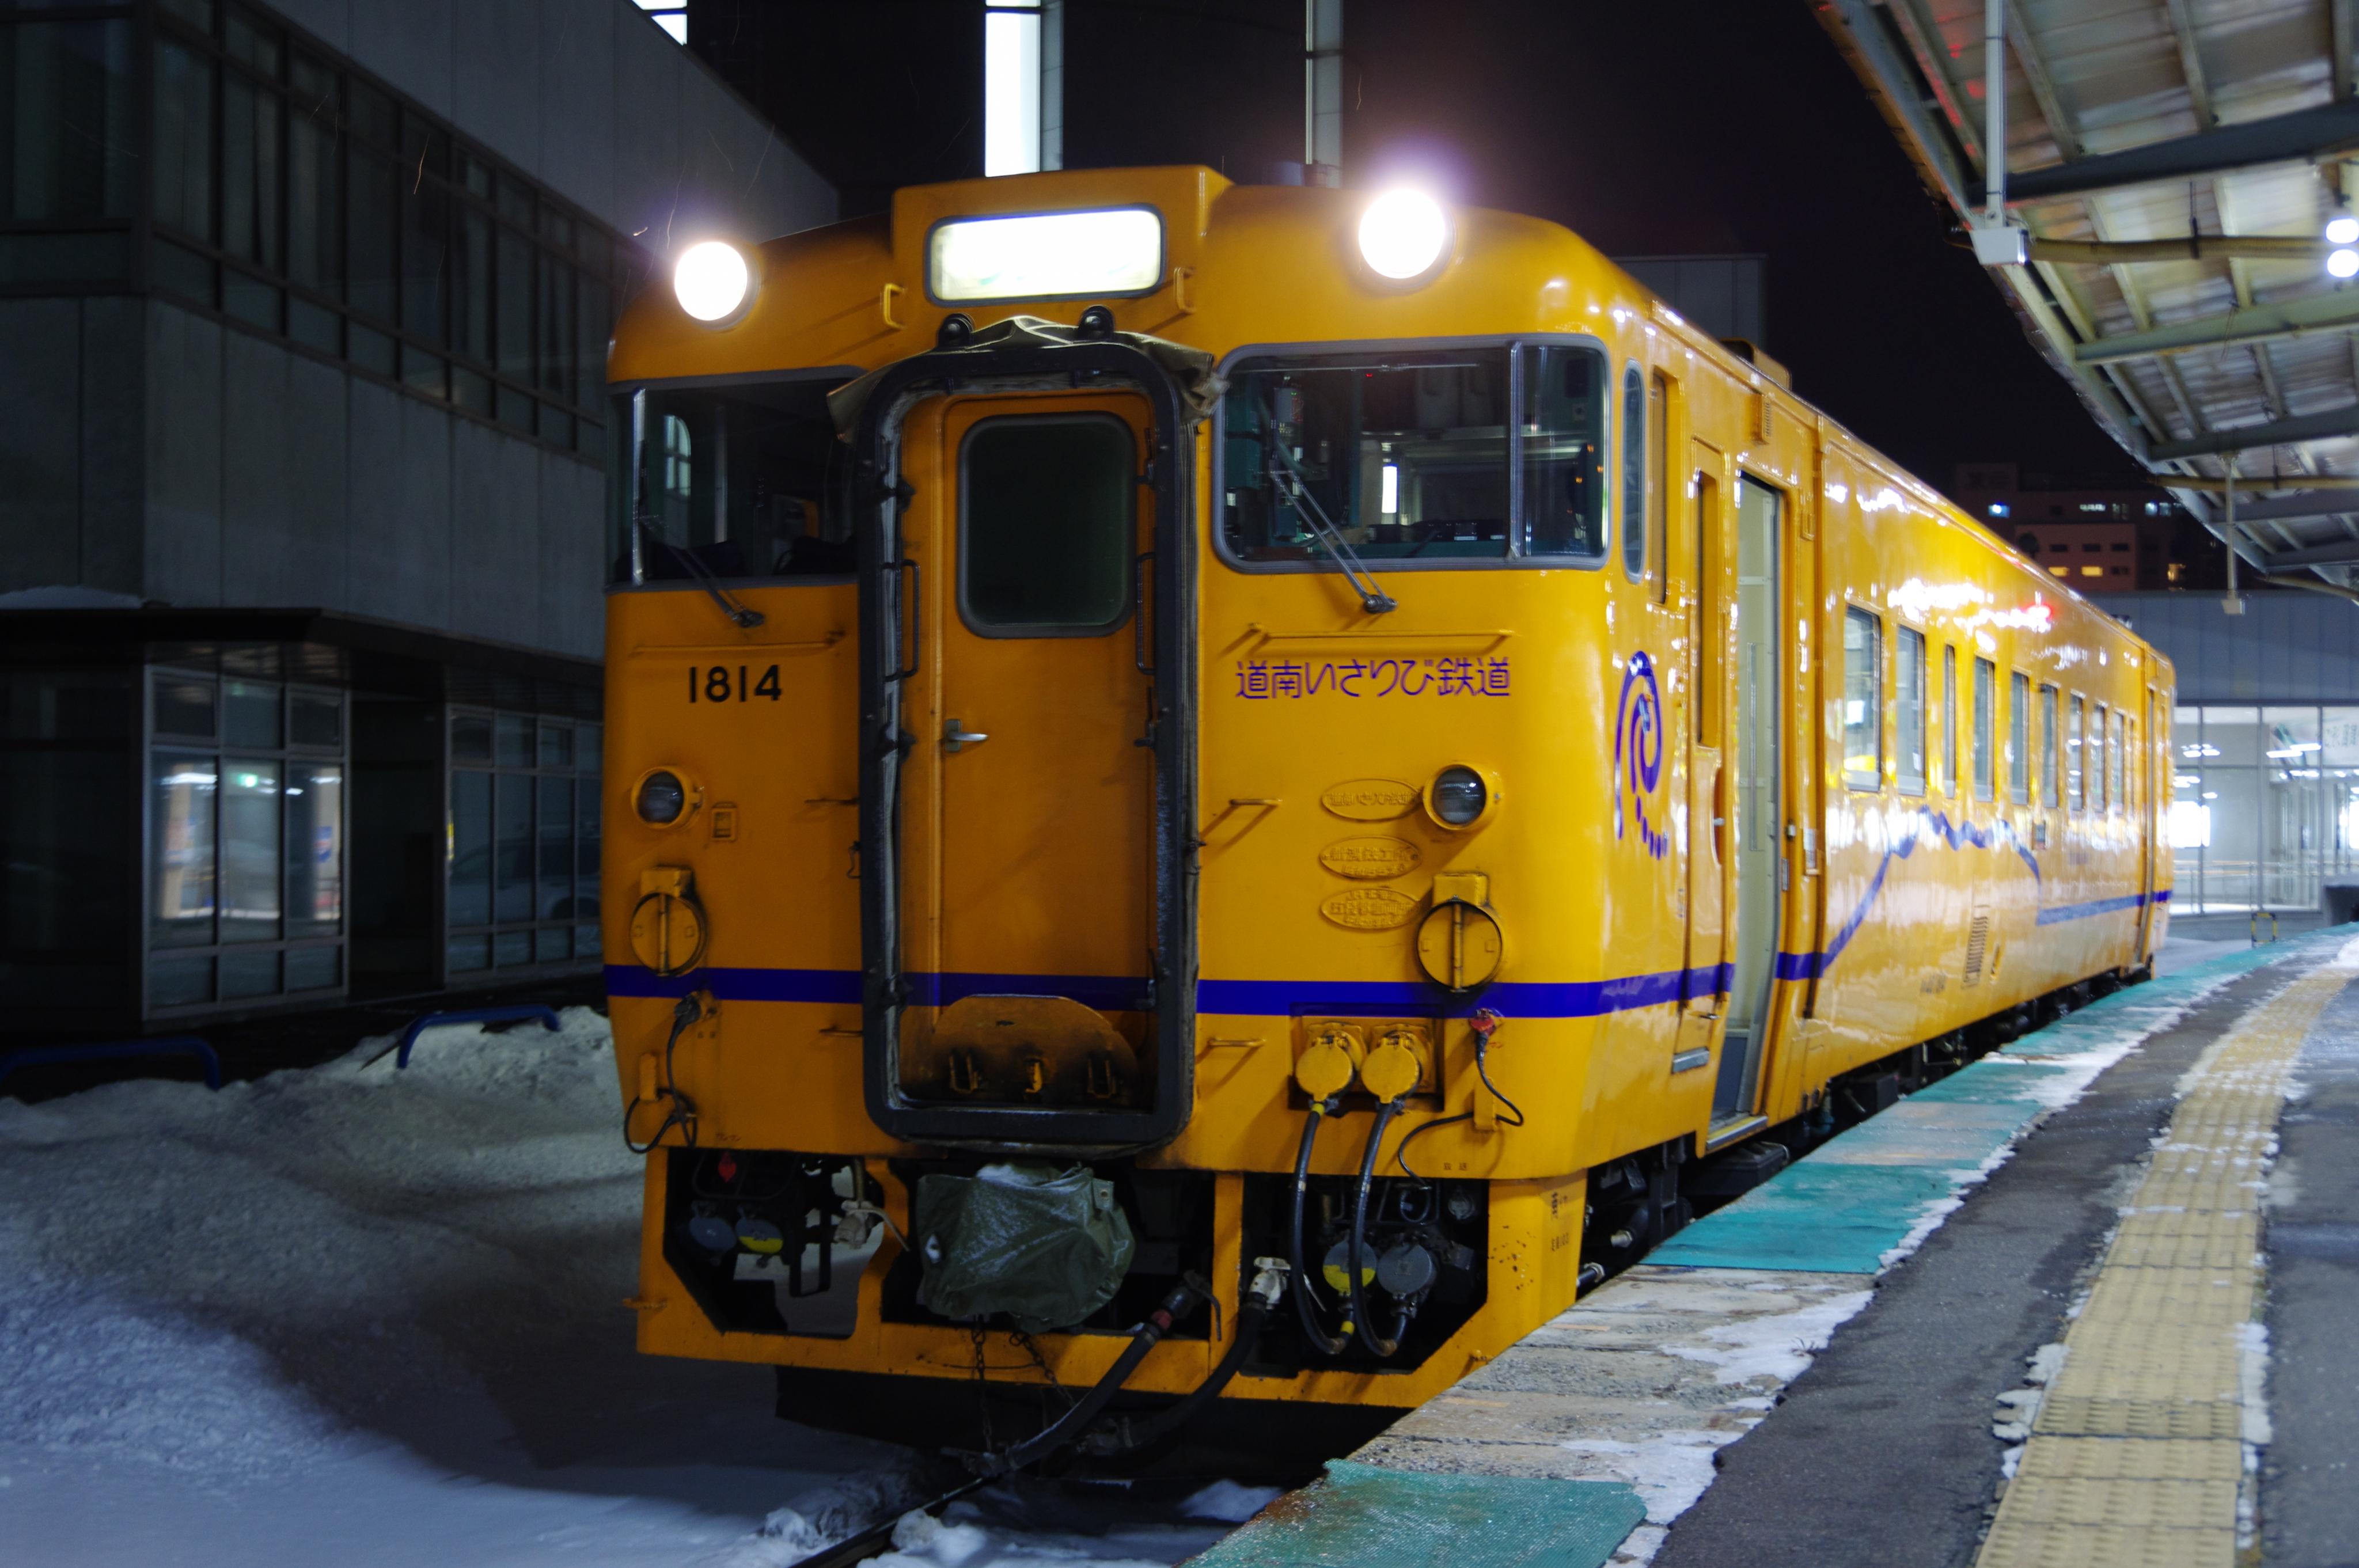 キハ40 道南いさりび鉄道 オレンジ 函館駅_190120.jpg